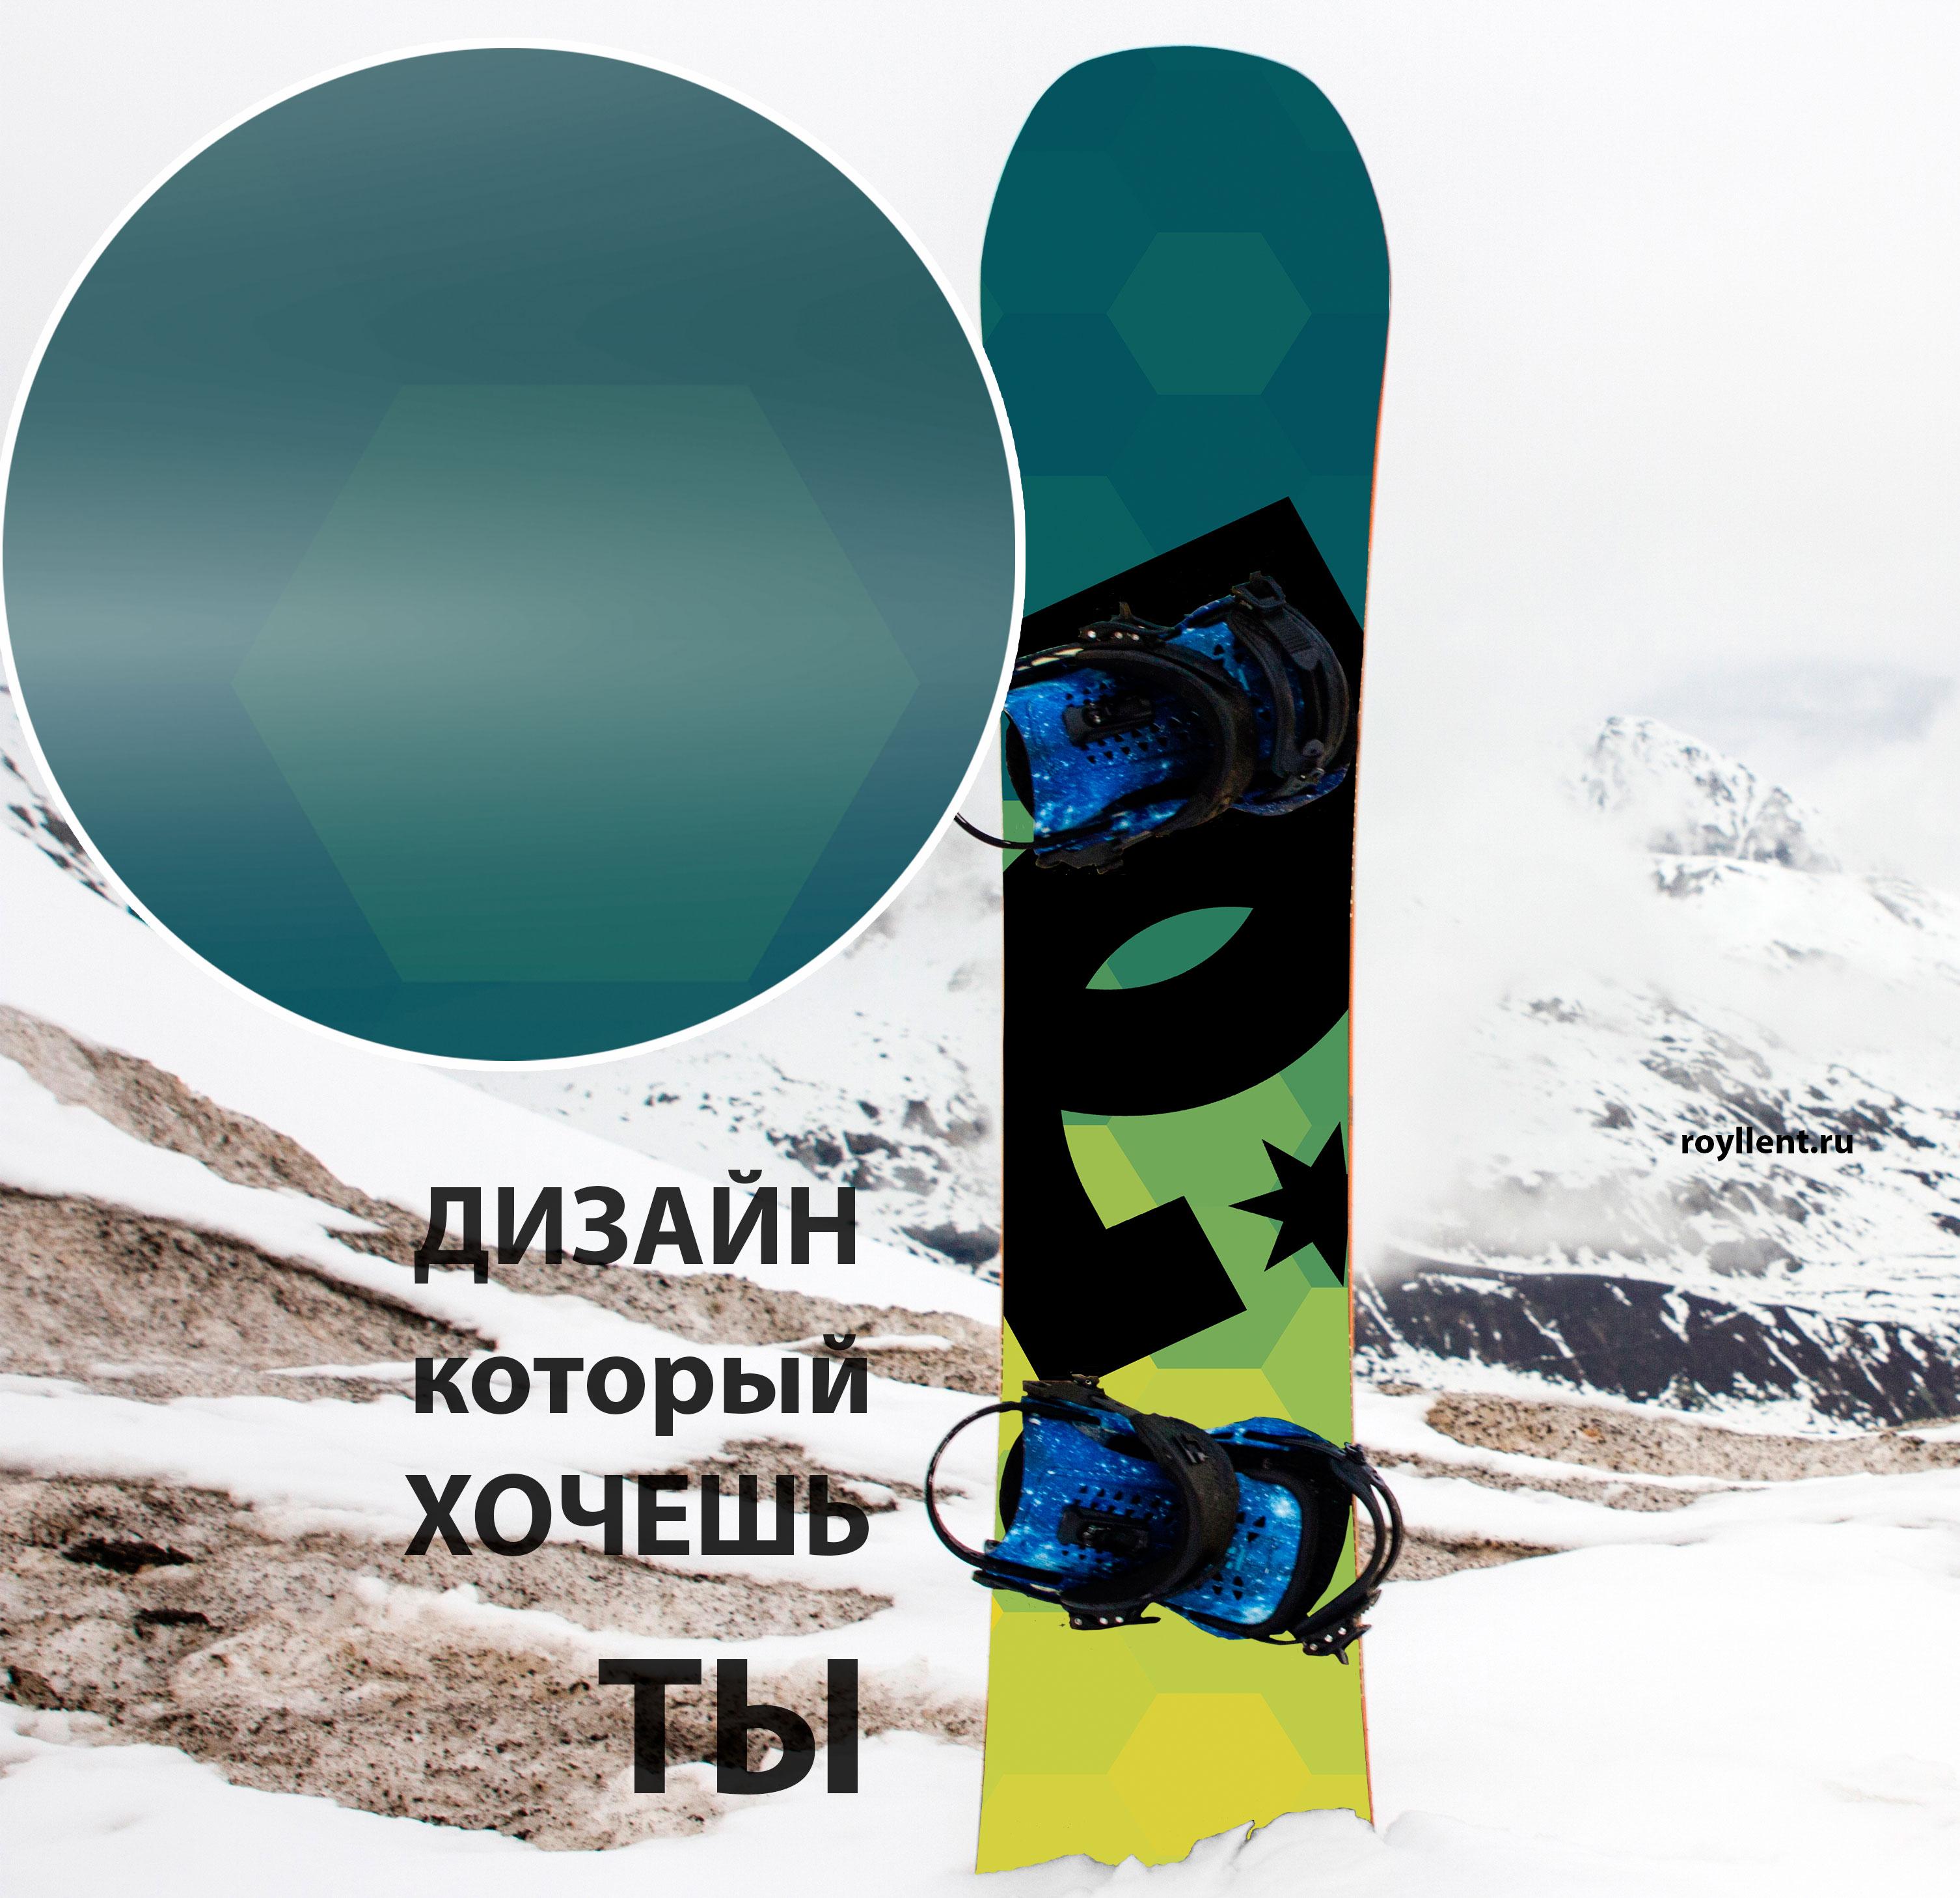 DC новый дизайн сноуборда 2016 года